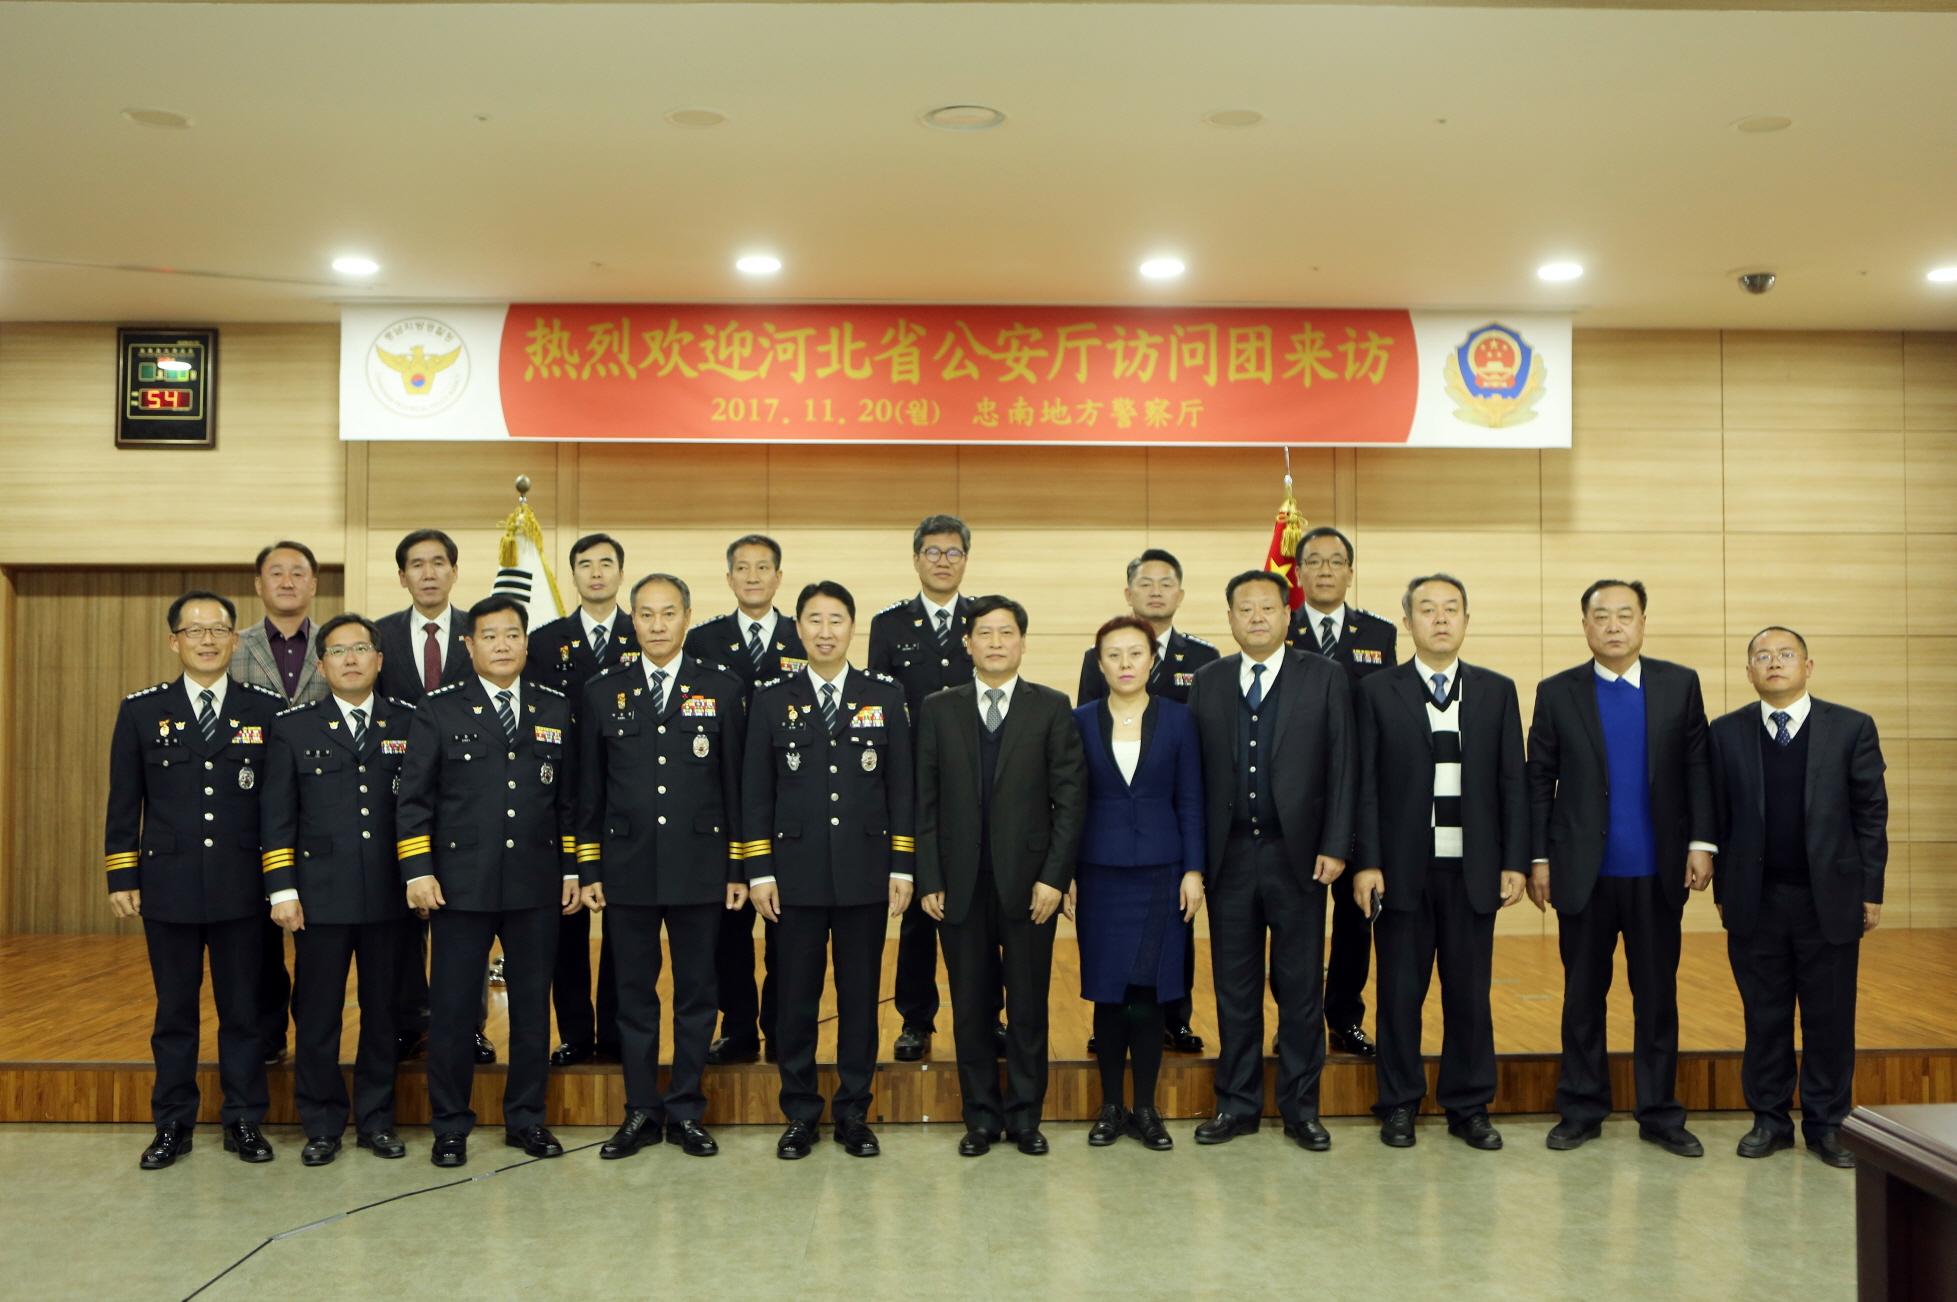 중국 하북성 공안청 대표단과의 업무회담